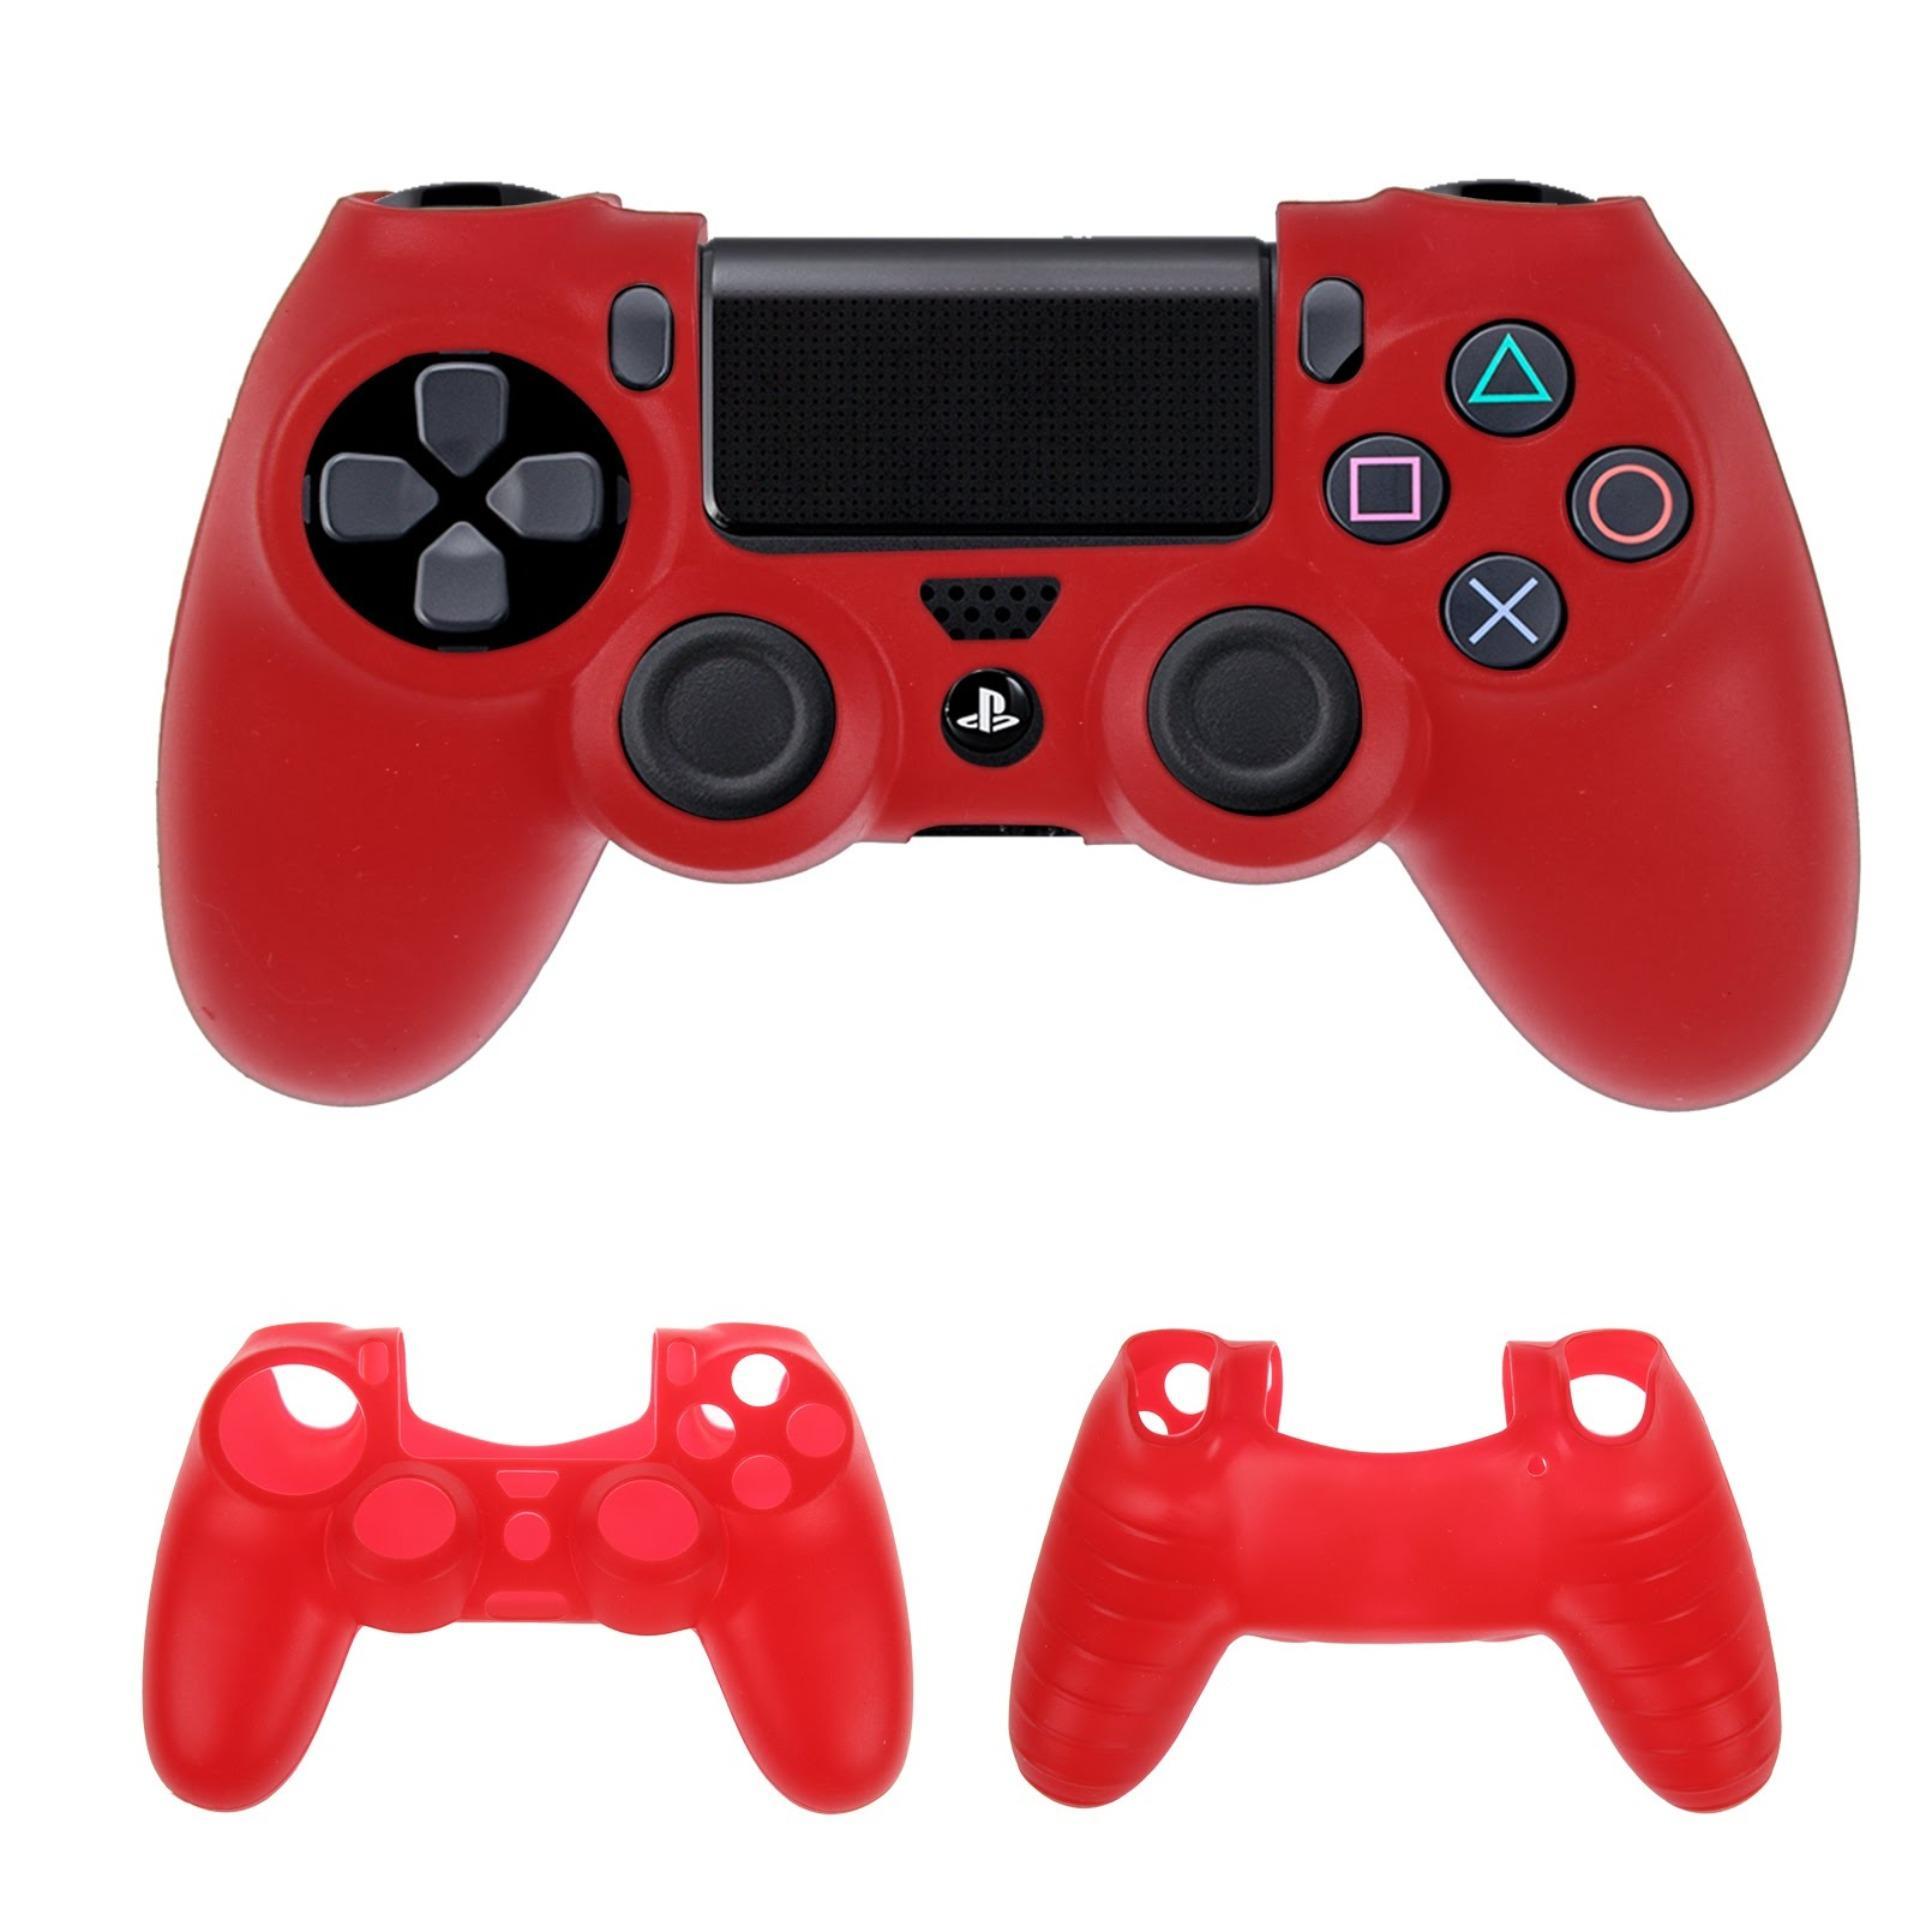 Vỏ bọc silicone tay cầm PlayStation 4 (Đỏ)